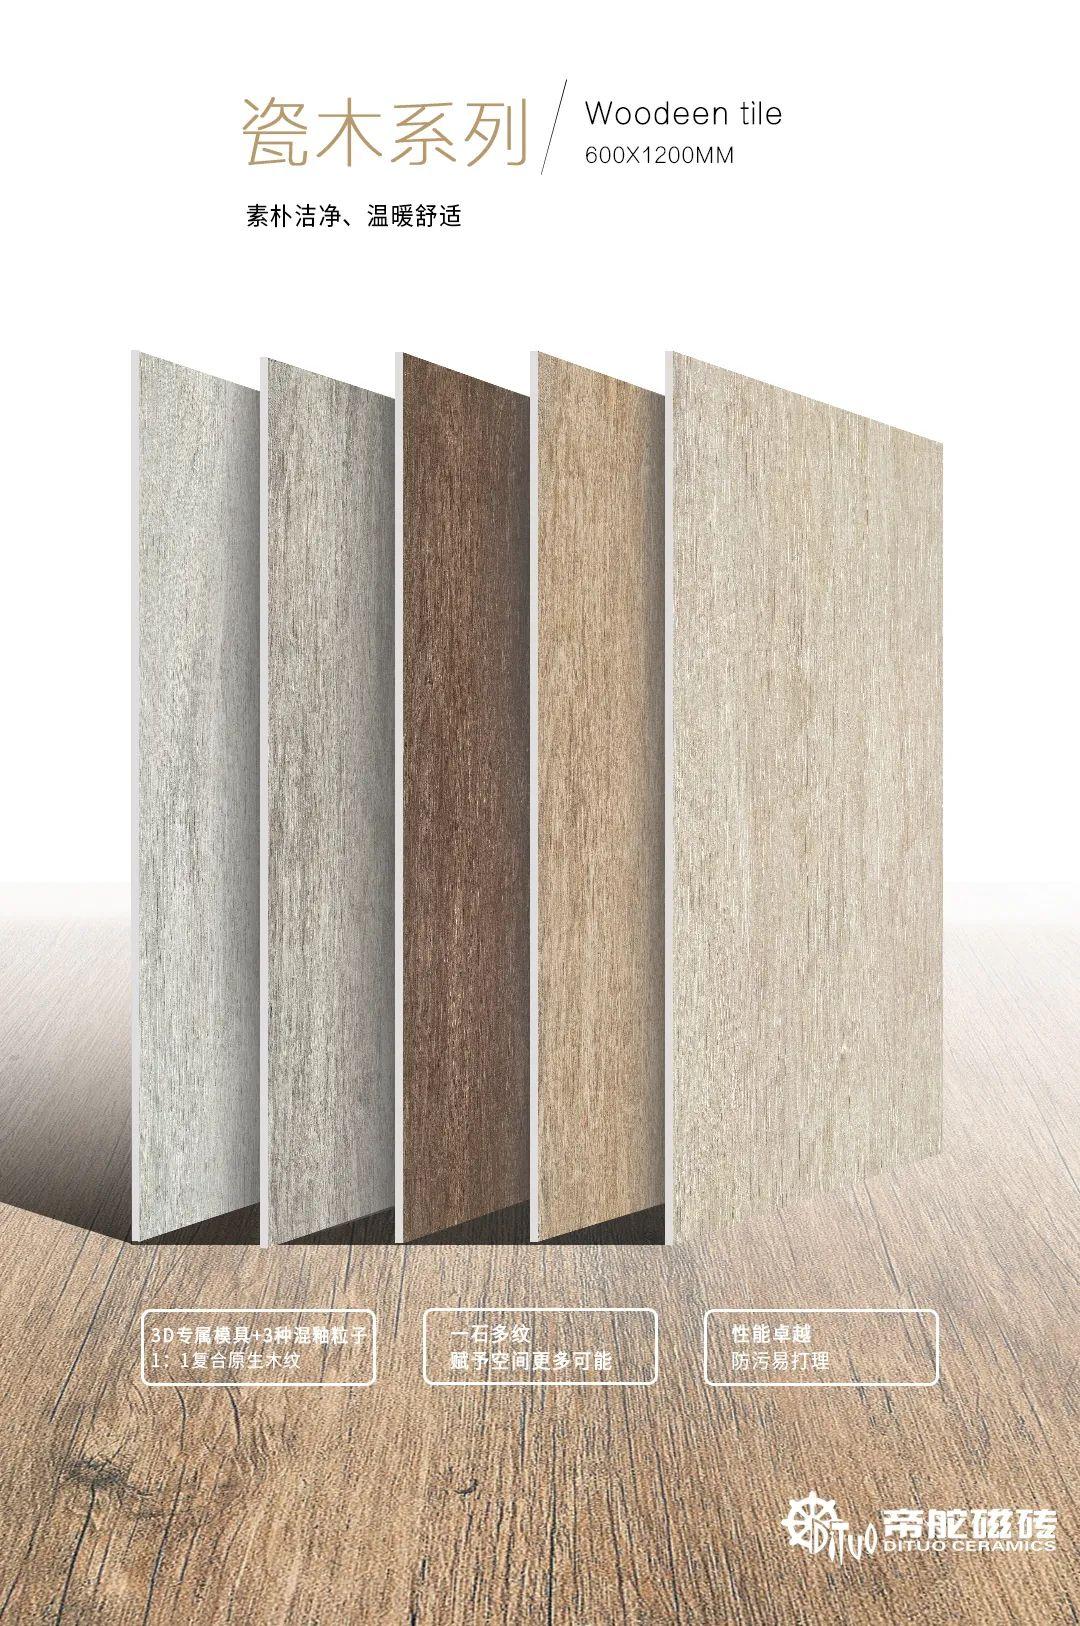 帝舵磁磚|完美復刻原生木紋,煥發自然原生之美。